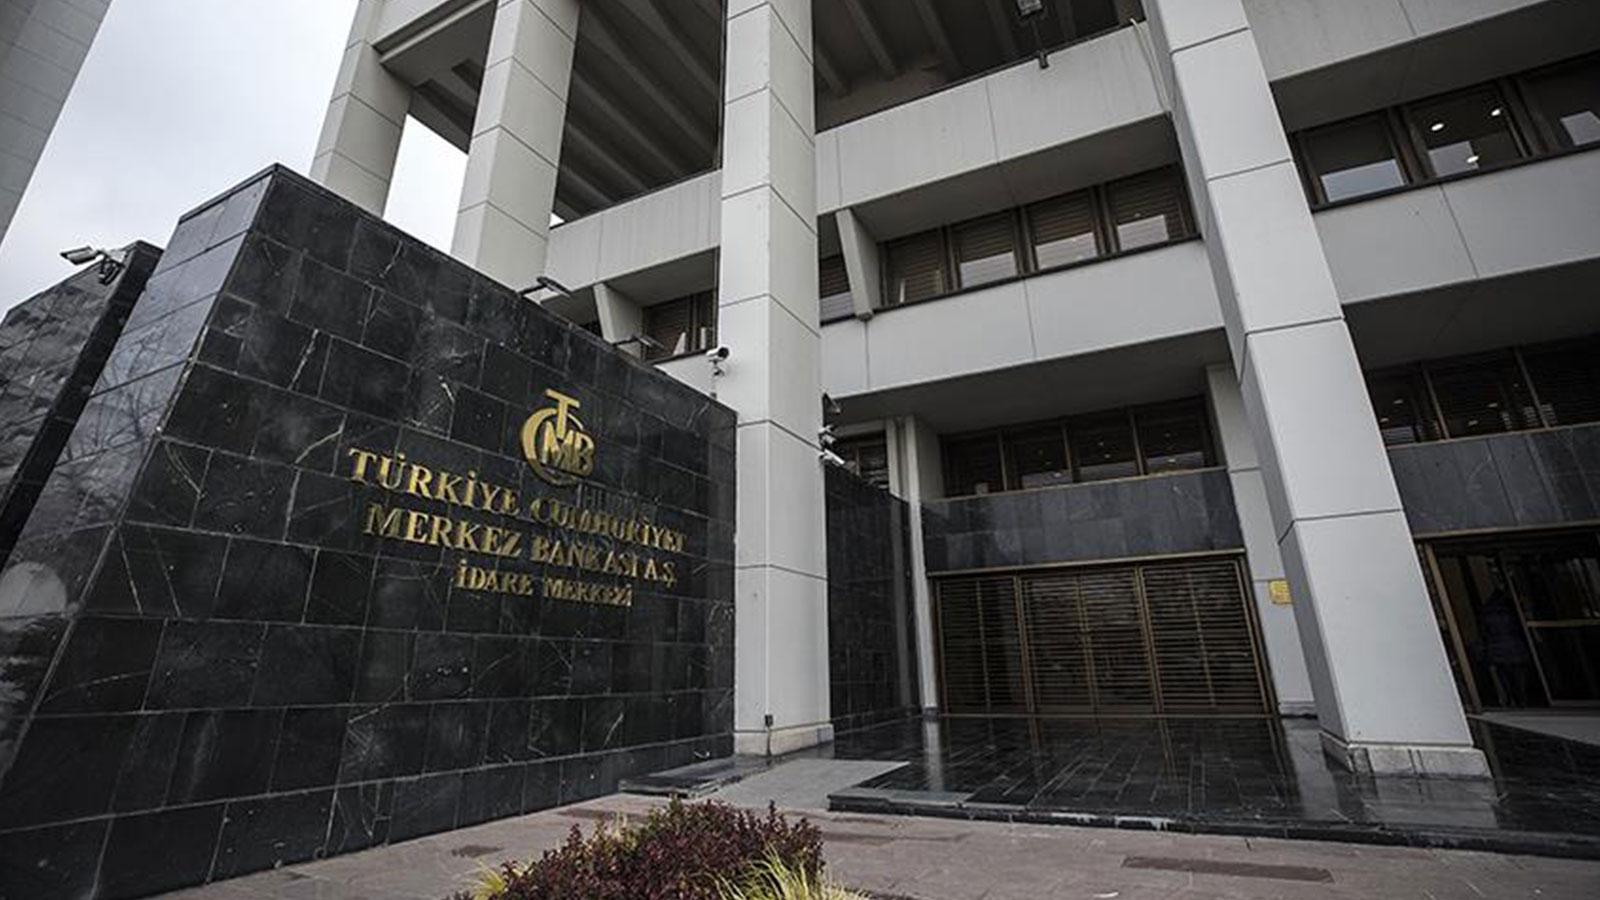 gozler-turkiye-cumhuriyet-merkez-bankasina-cevrildi